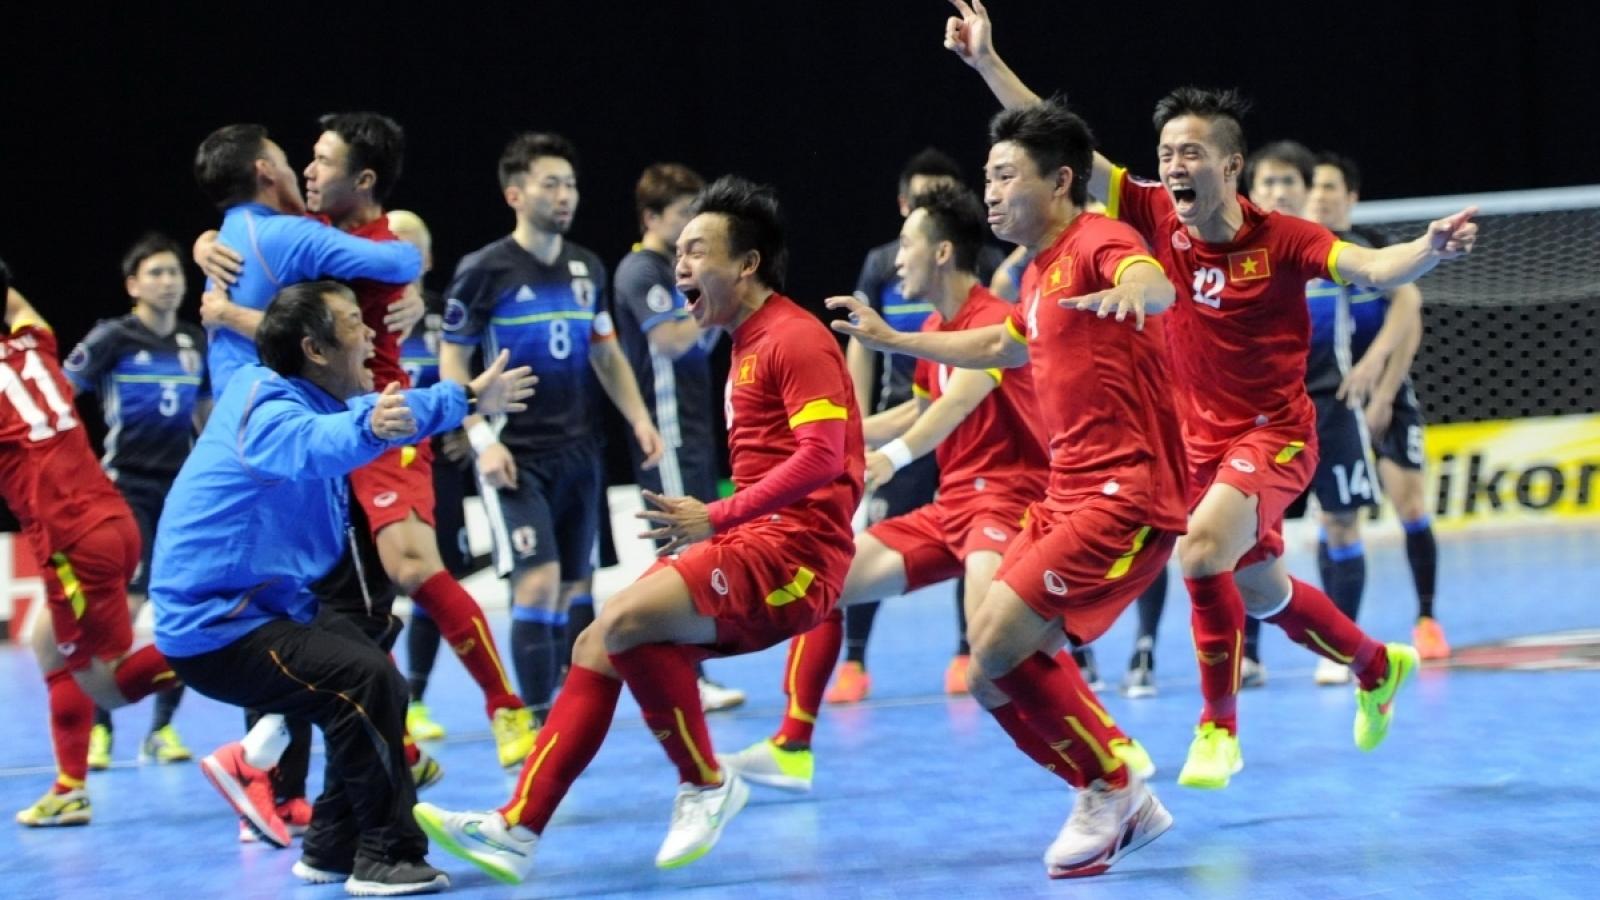 ĐT Futsal Việt Nam tranh vé play-off World Cup: Chỉ còn chờ gió Đông!